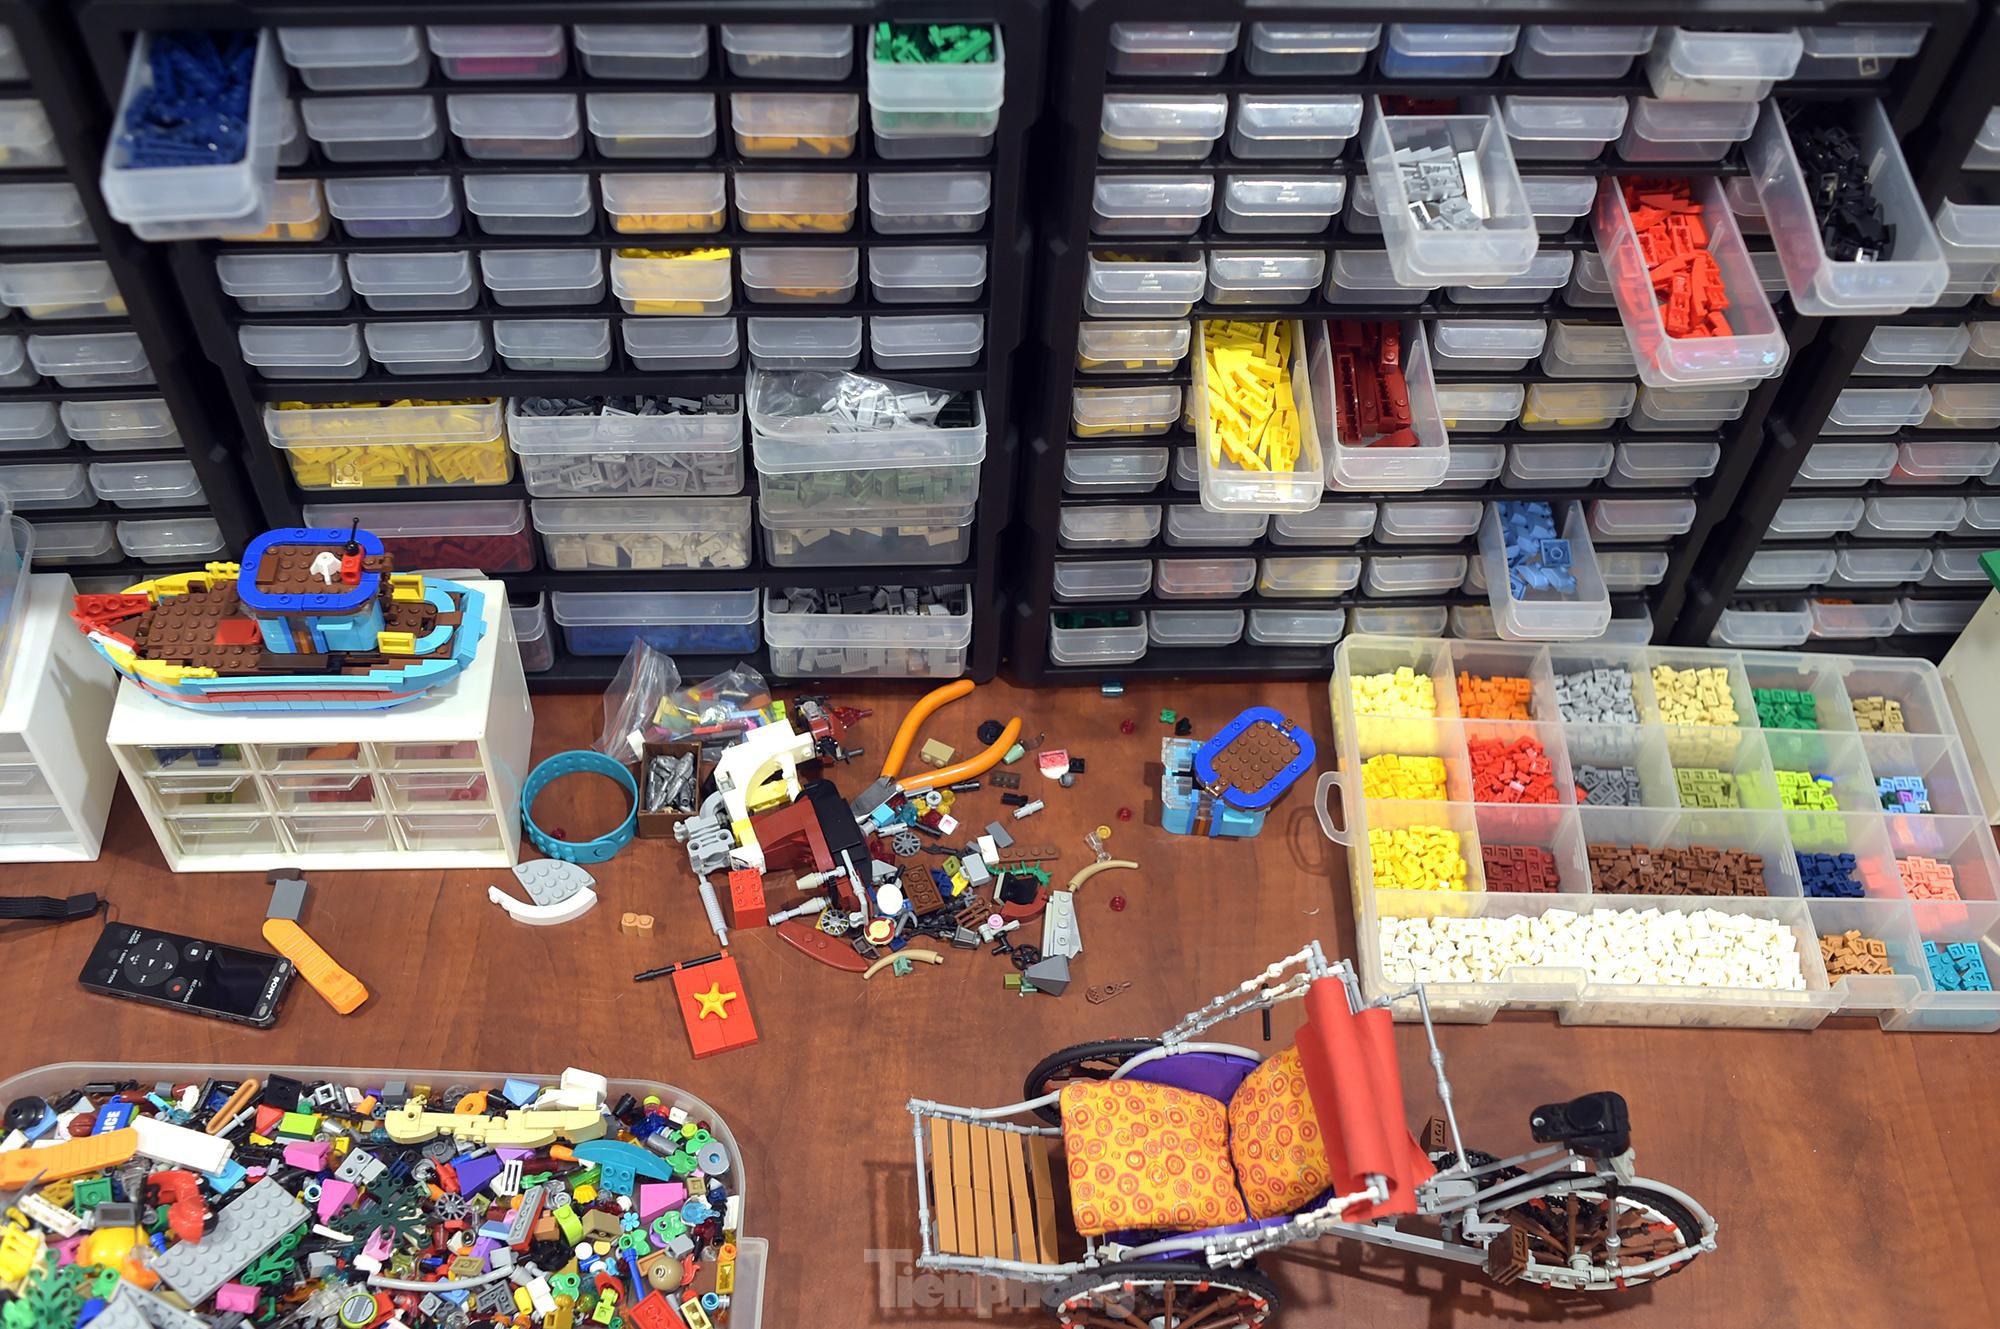 """Chàng trai Việt """"đóng"""" tàu Hoàng Sa, Trường Sa từ mô hình Lego, tri ân ngư dân bám biển - Ảnh 3."""